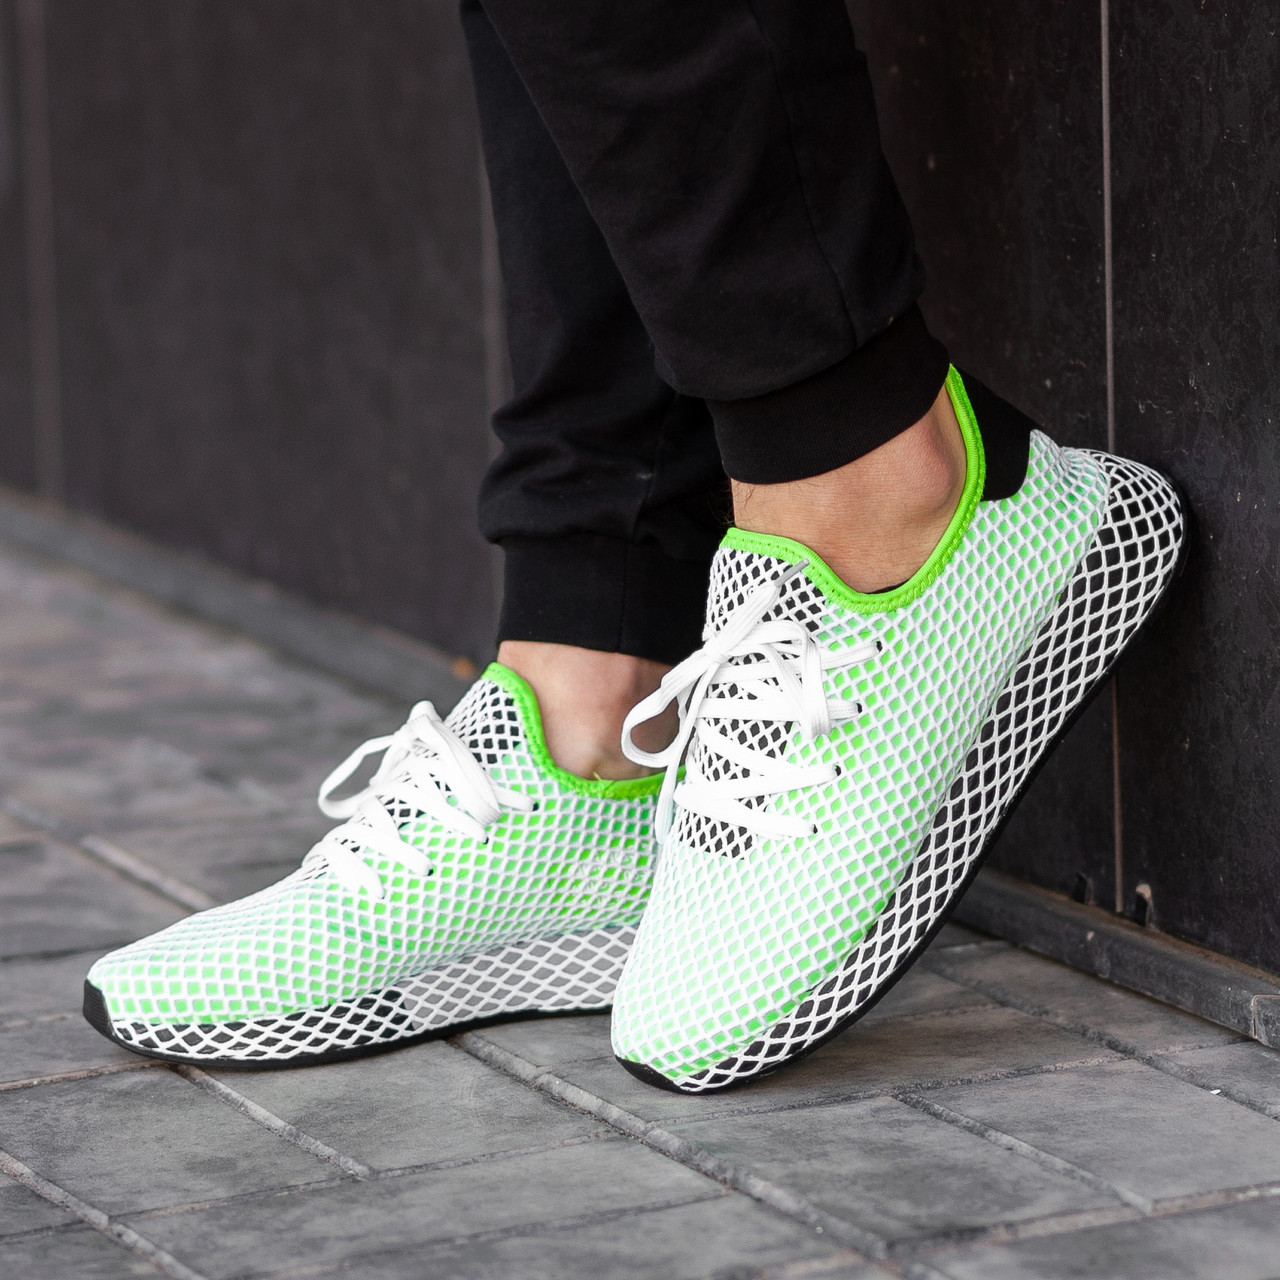 34255c2c Купить Мужские кроссовки Adidas Deerupt green 1 299 грн..